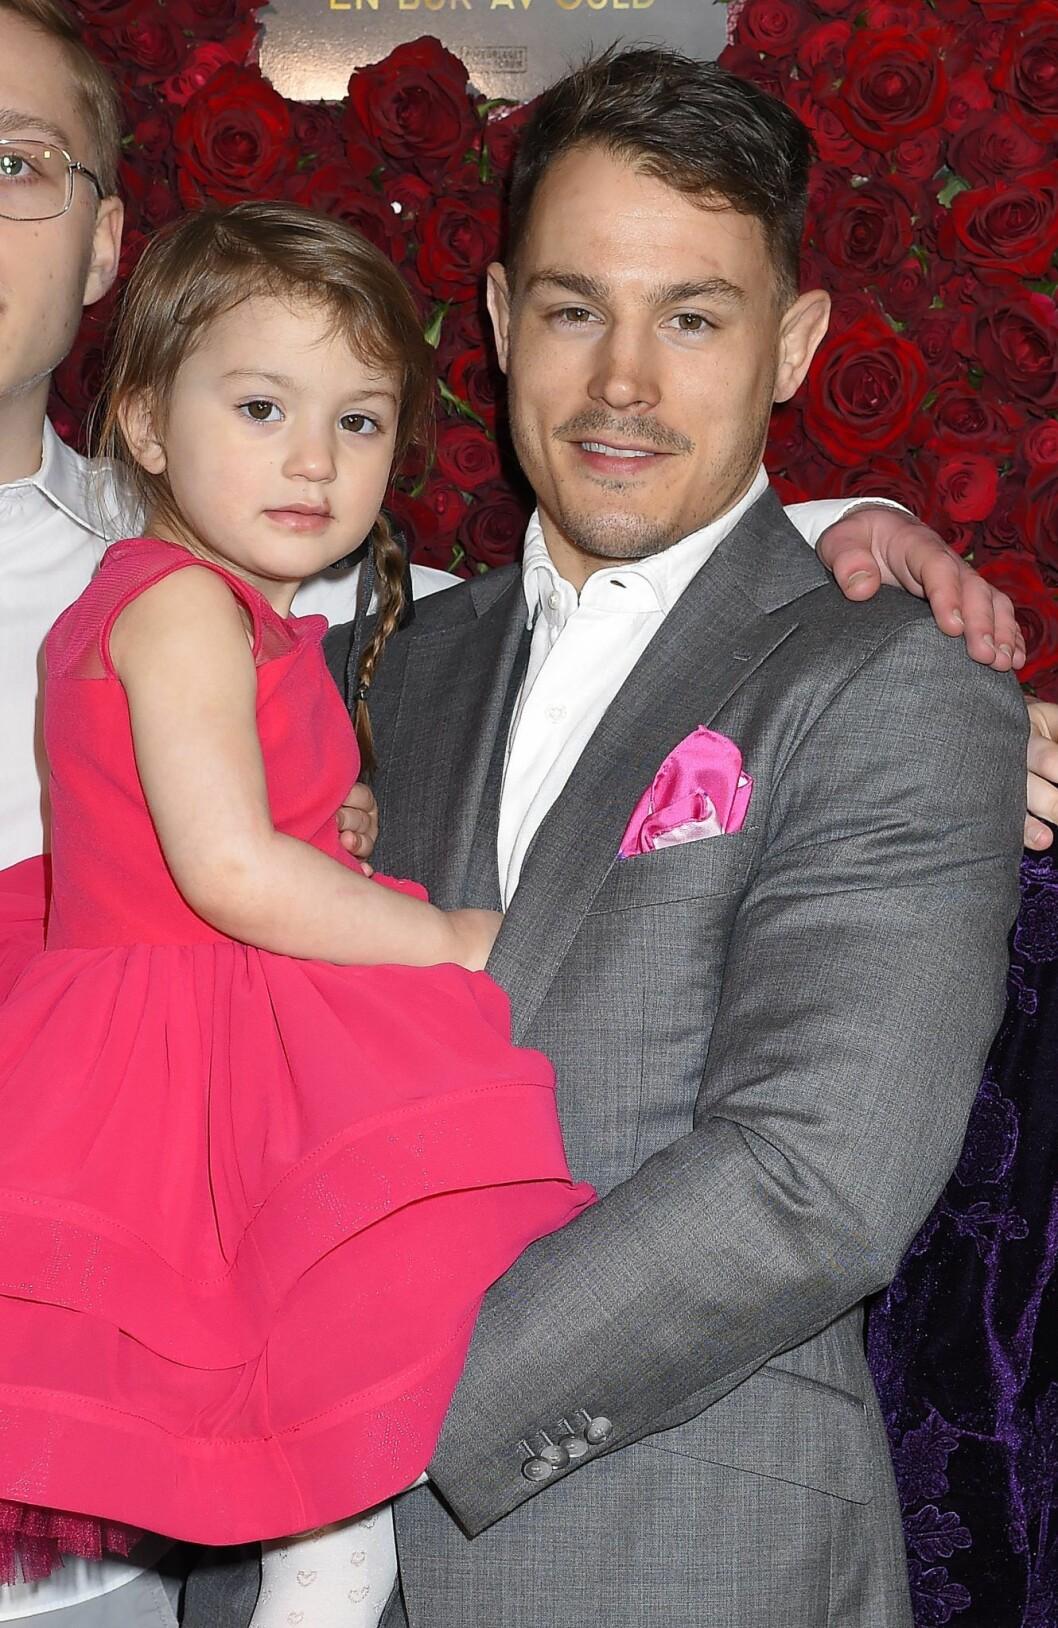 Simon Sköld tog med sig dottern Polly på releasefesten för hustrun Camilla Läckbergs bok En bur av guld.